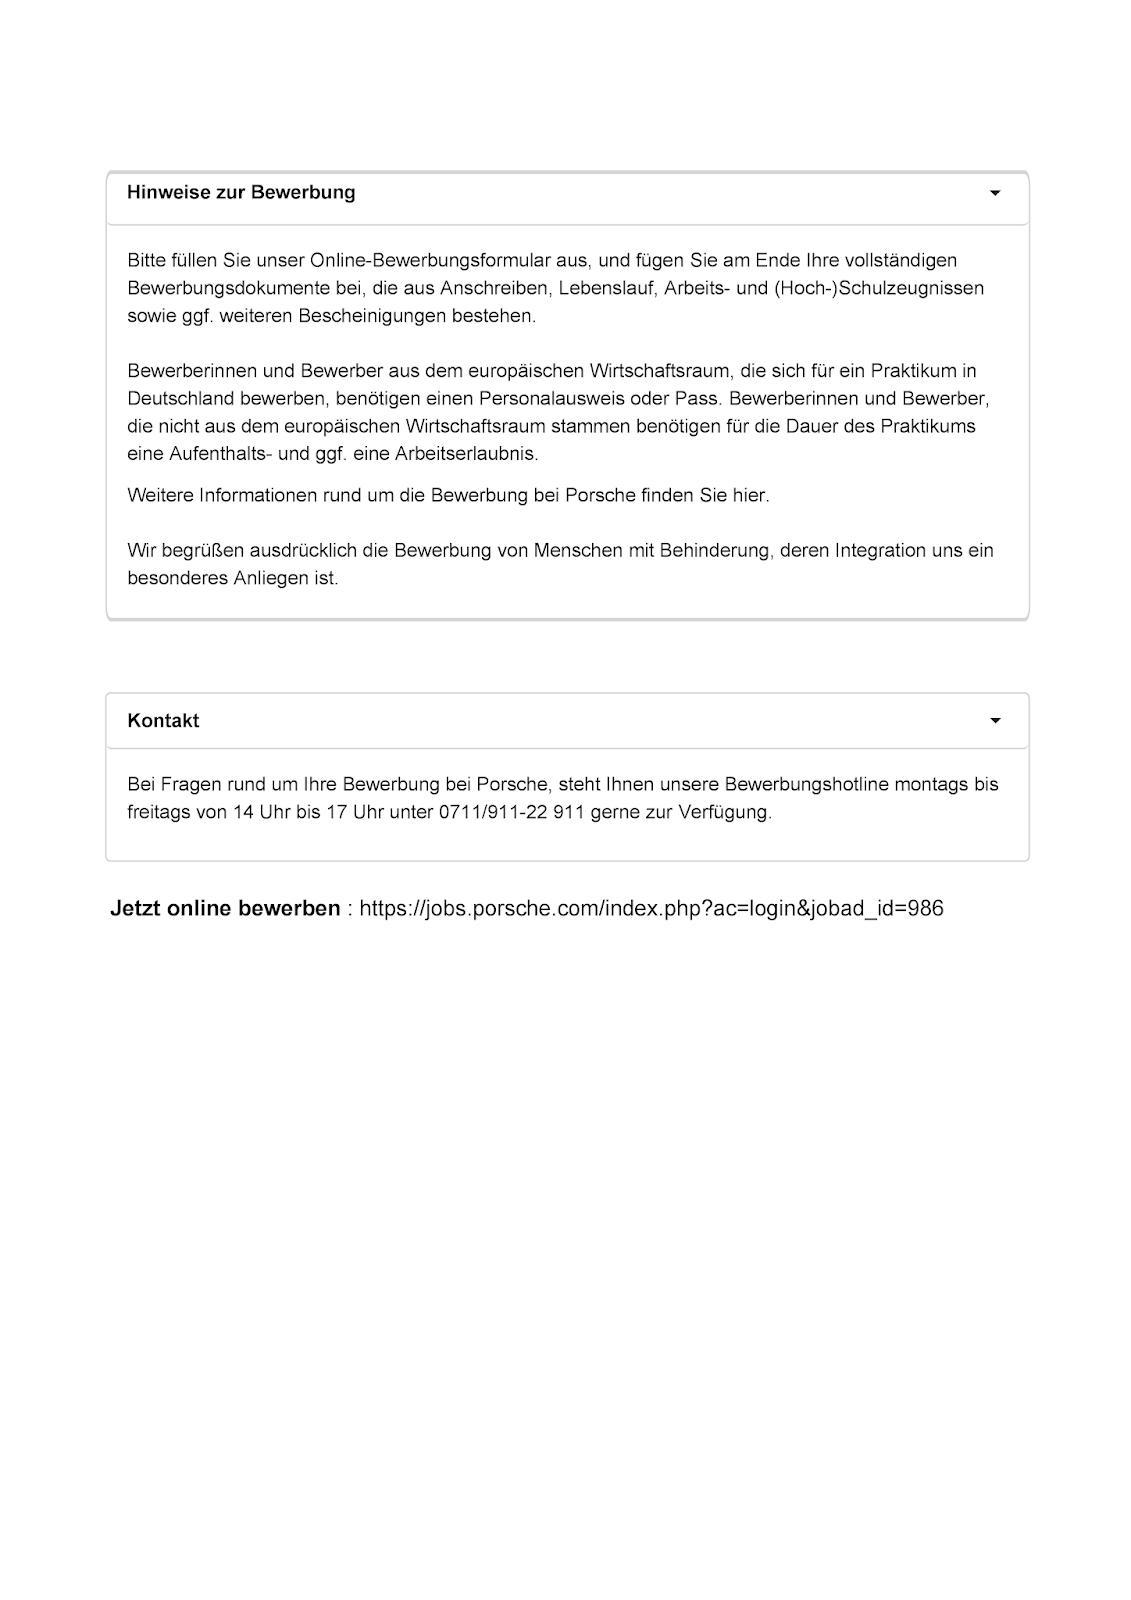 Onlinebewerbung Was Porsche Henkel Co Fur Angaben Fordern 9